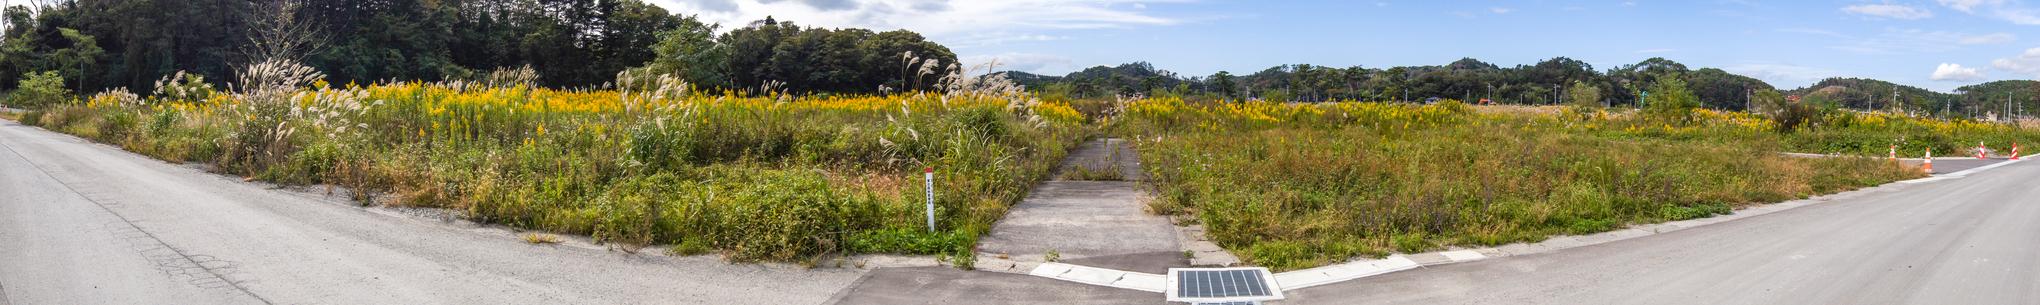 f:id:akichiniiko:20200607171729j:plain